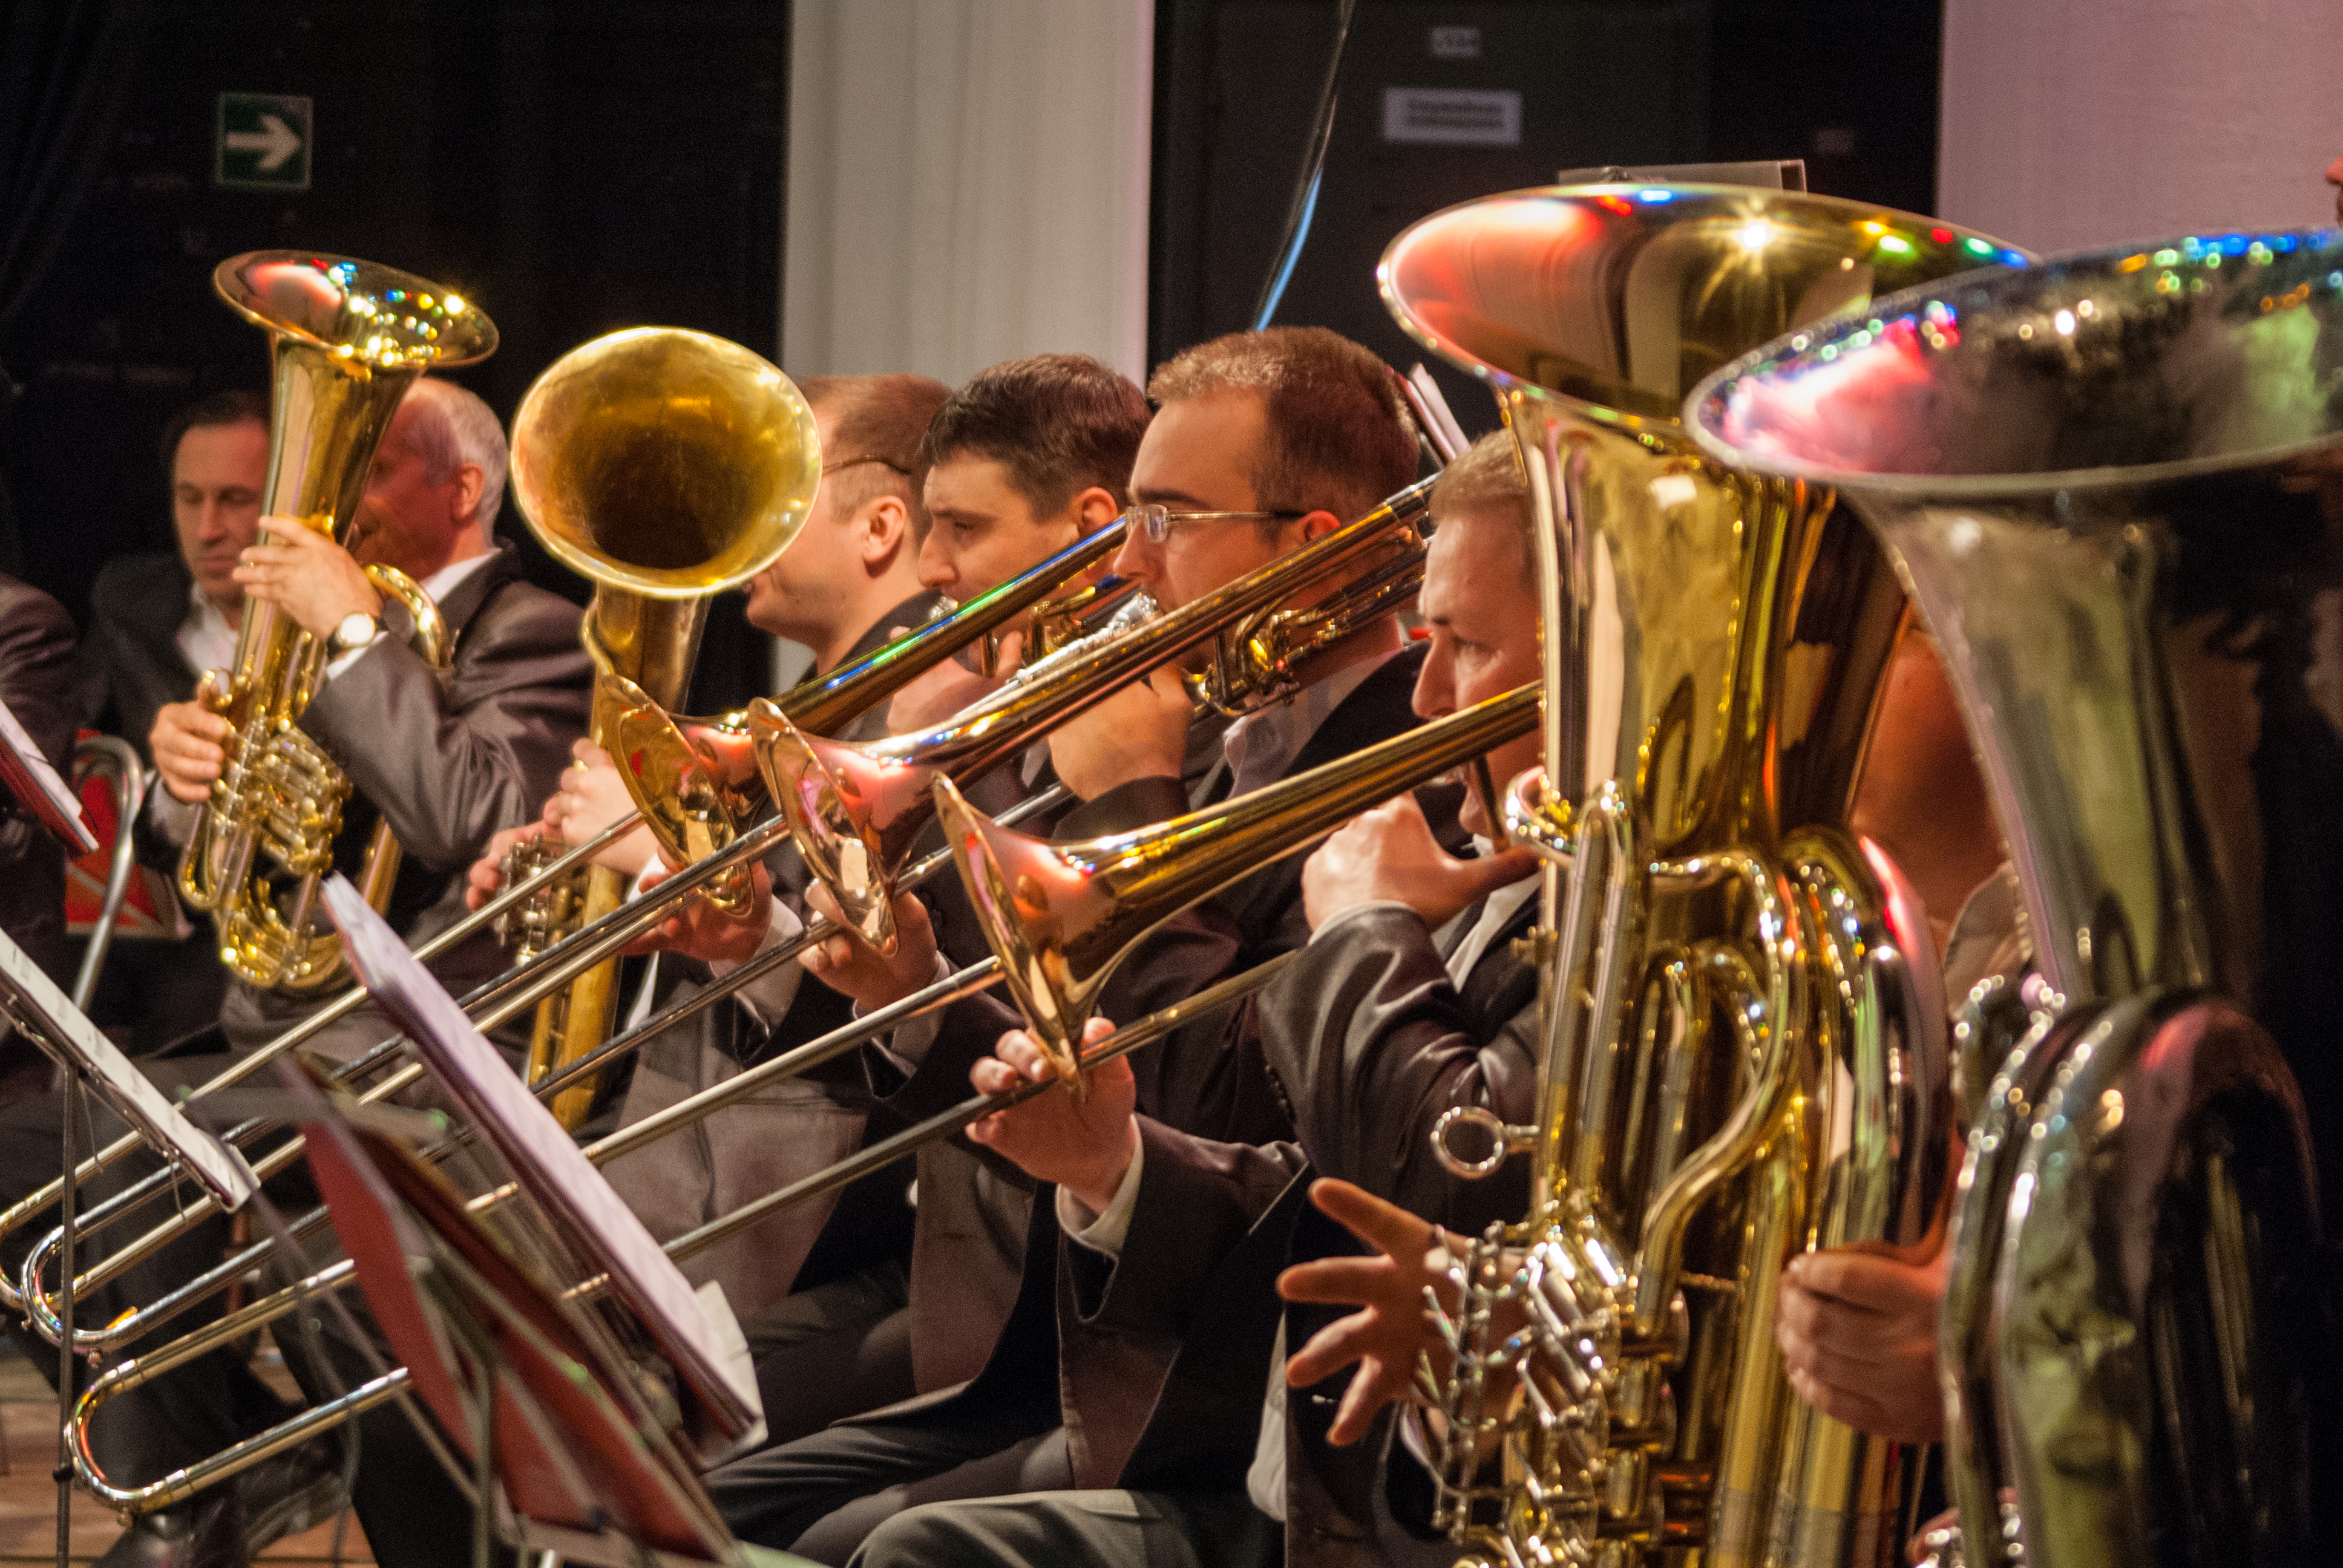 В Обнинске состоится праздник духовой музыки